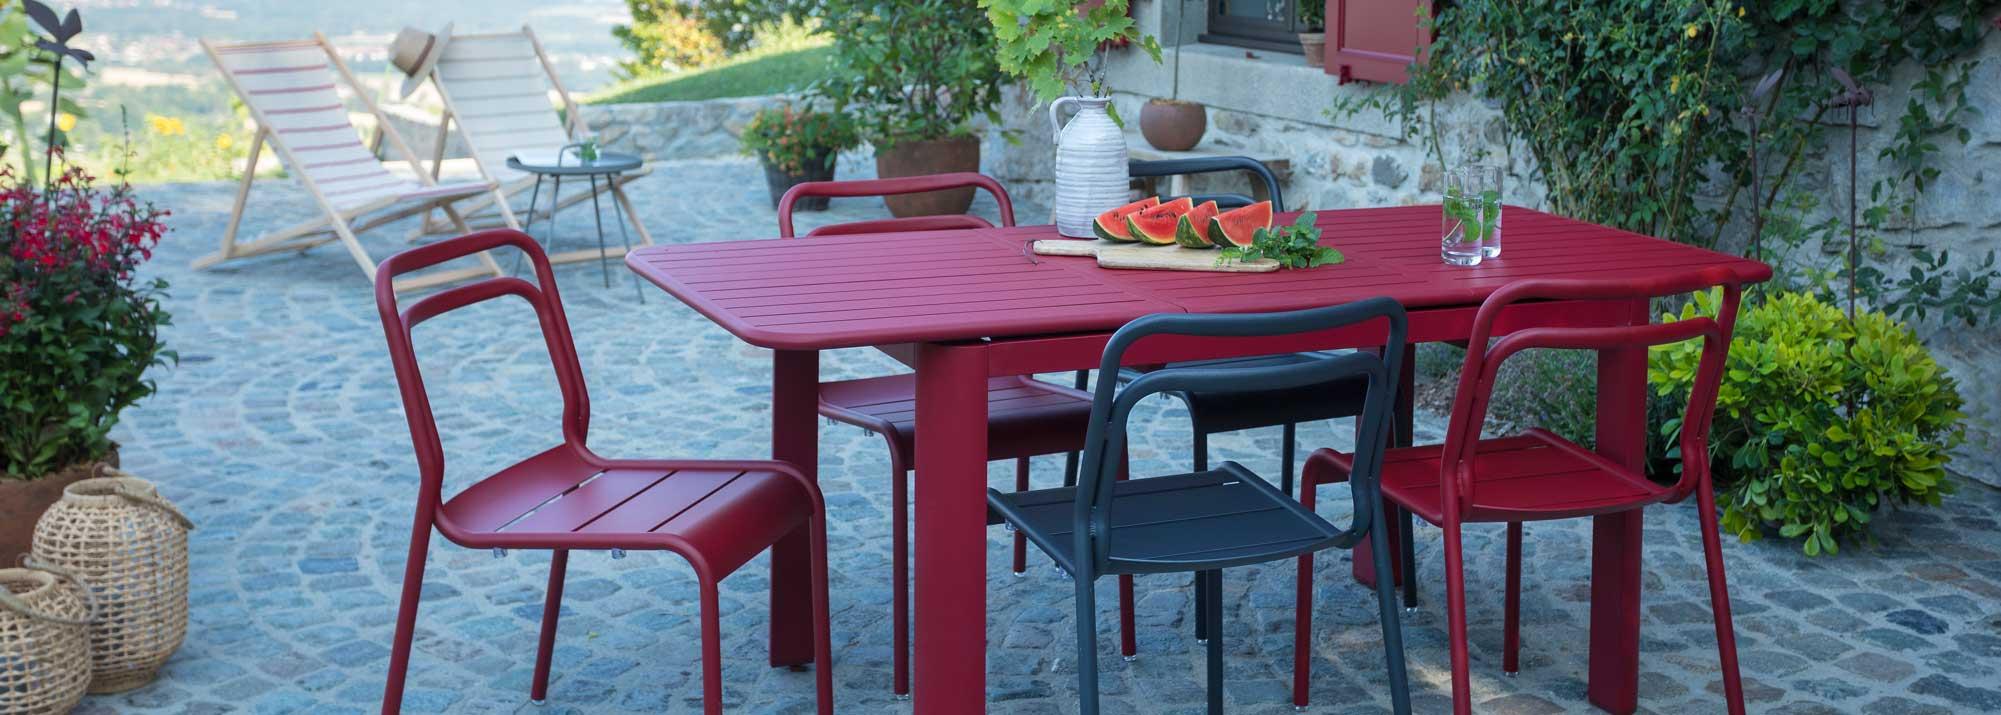 Table De Jardin : Botanic®, Tables De Jardin En Aluminium ... encequiconcerne Salon De Jardin En Fer Coloré